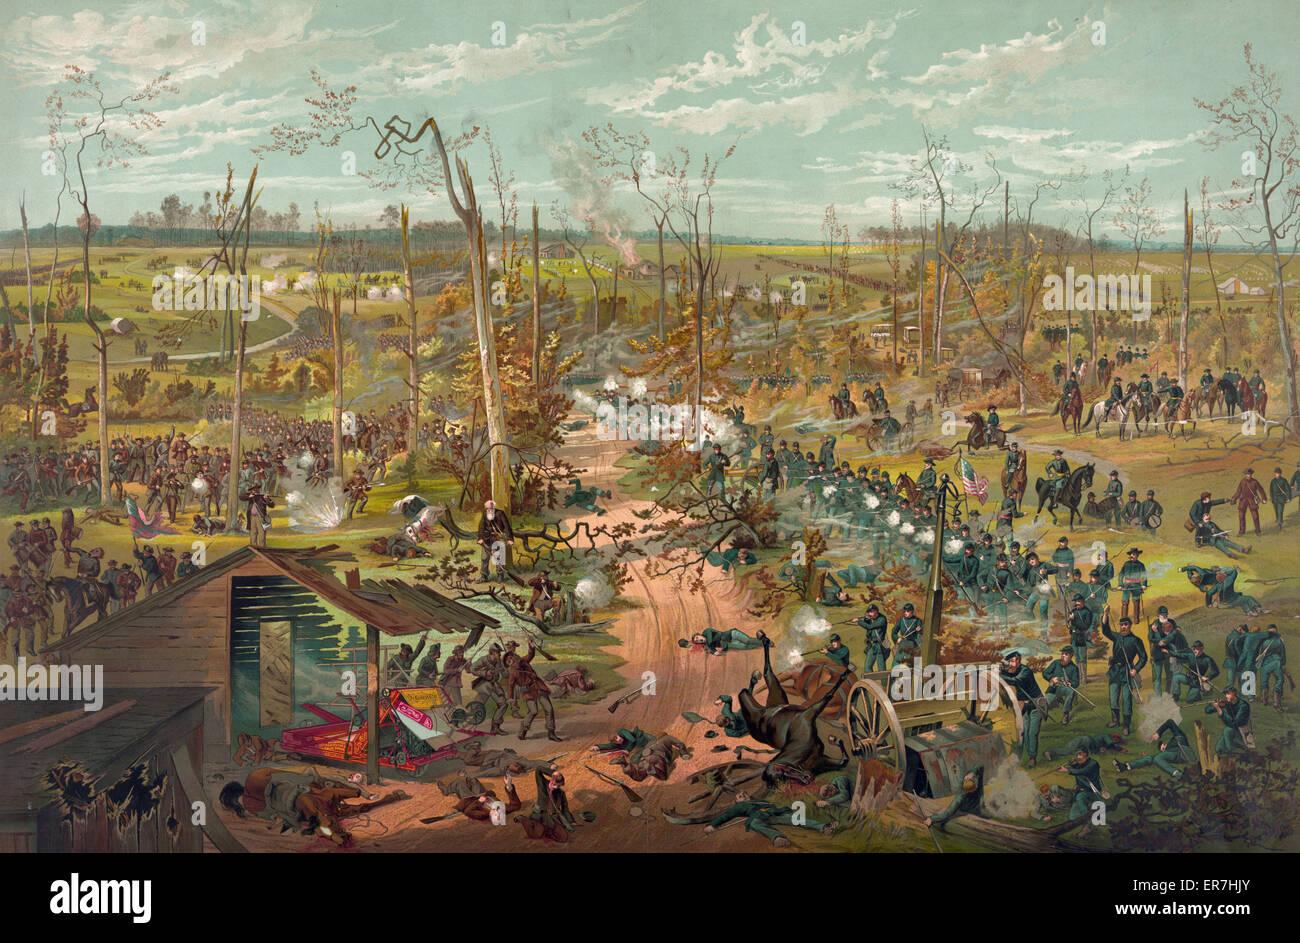 Battle of Shiloh April 6th 1862. Date c1885 Dec. 31. - Stock Image